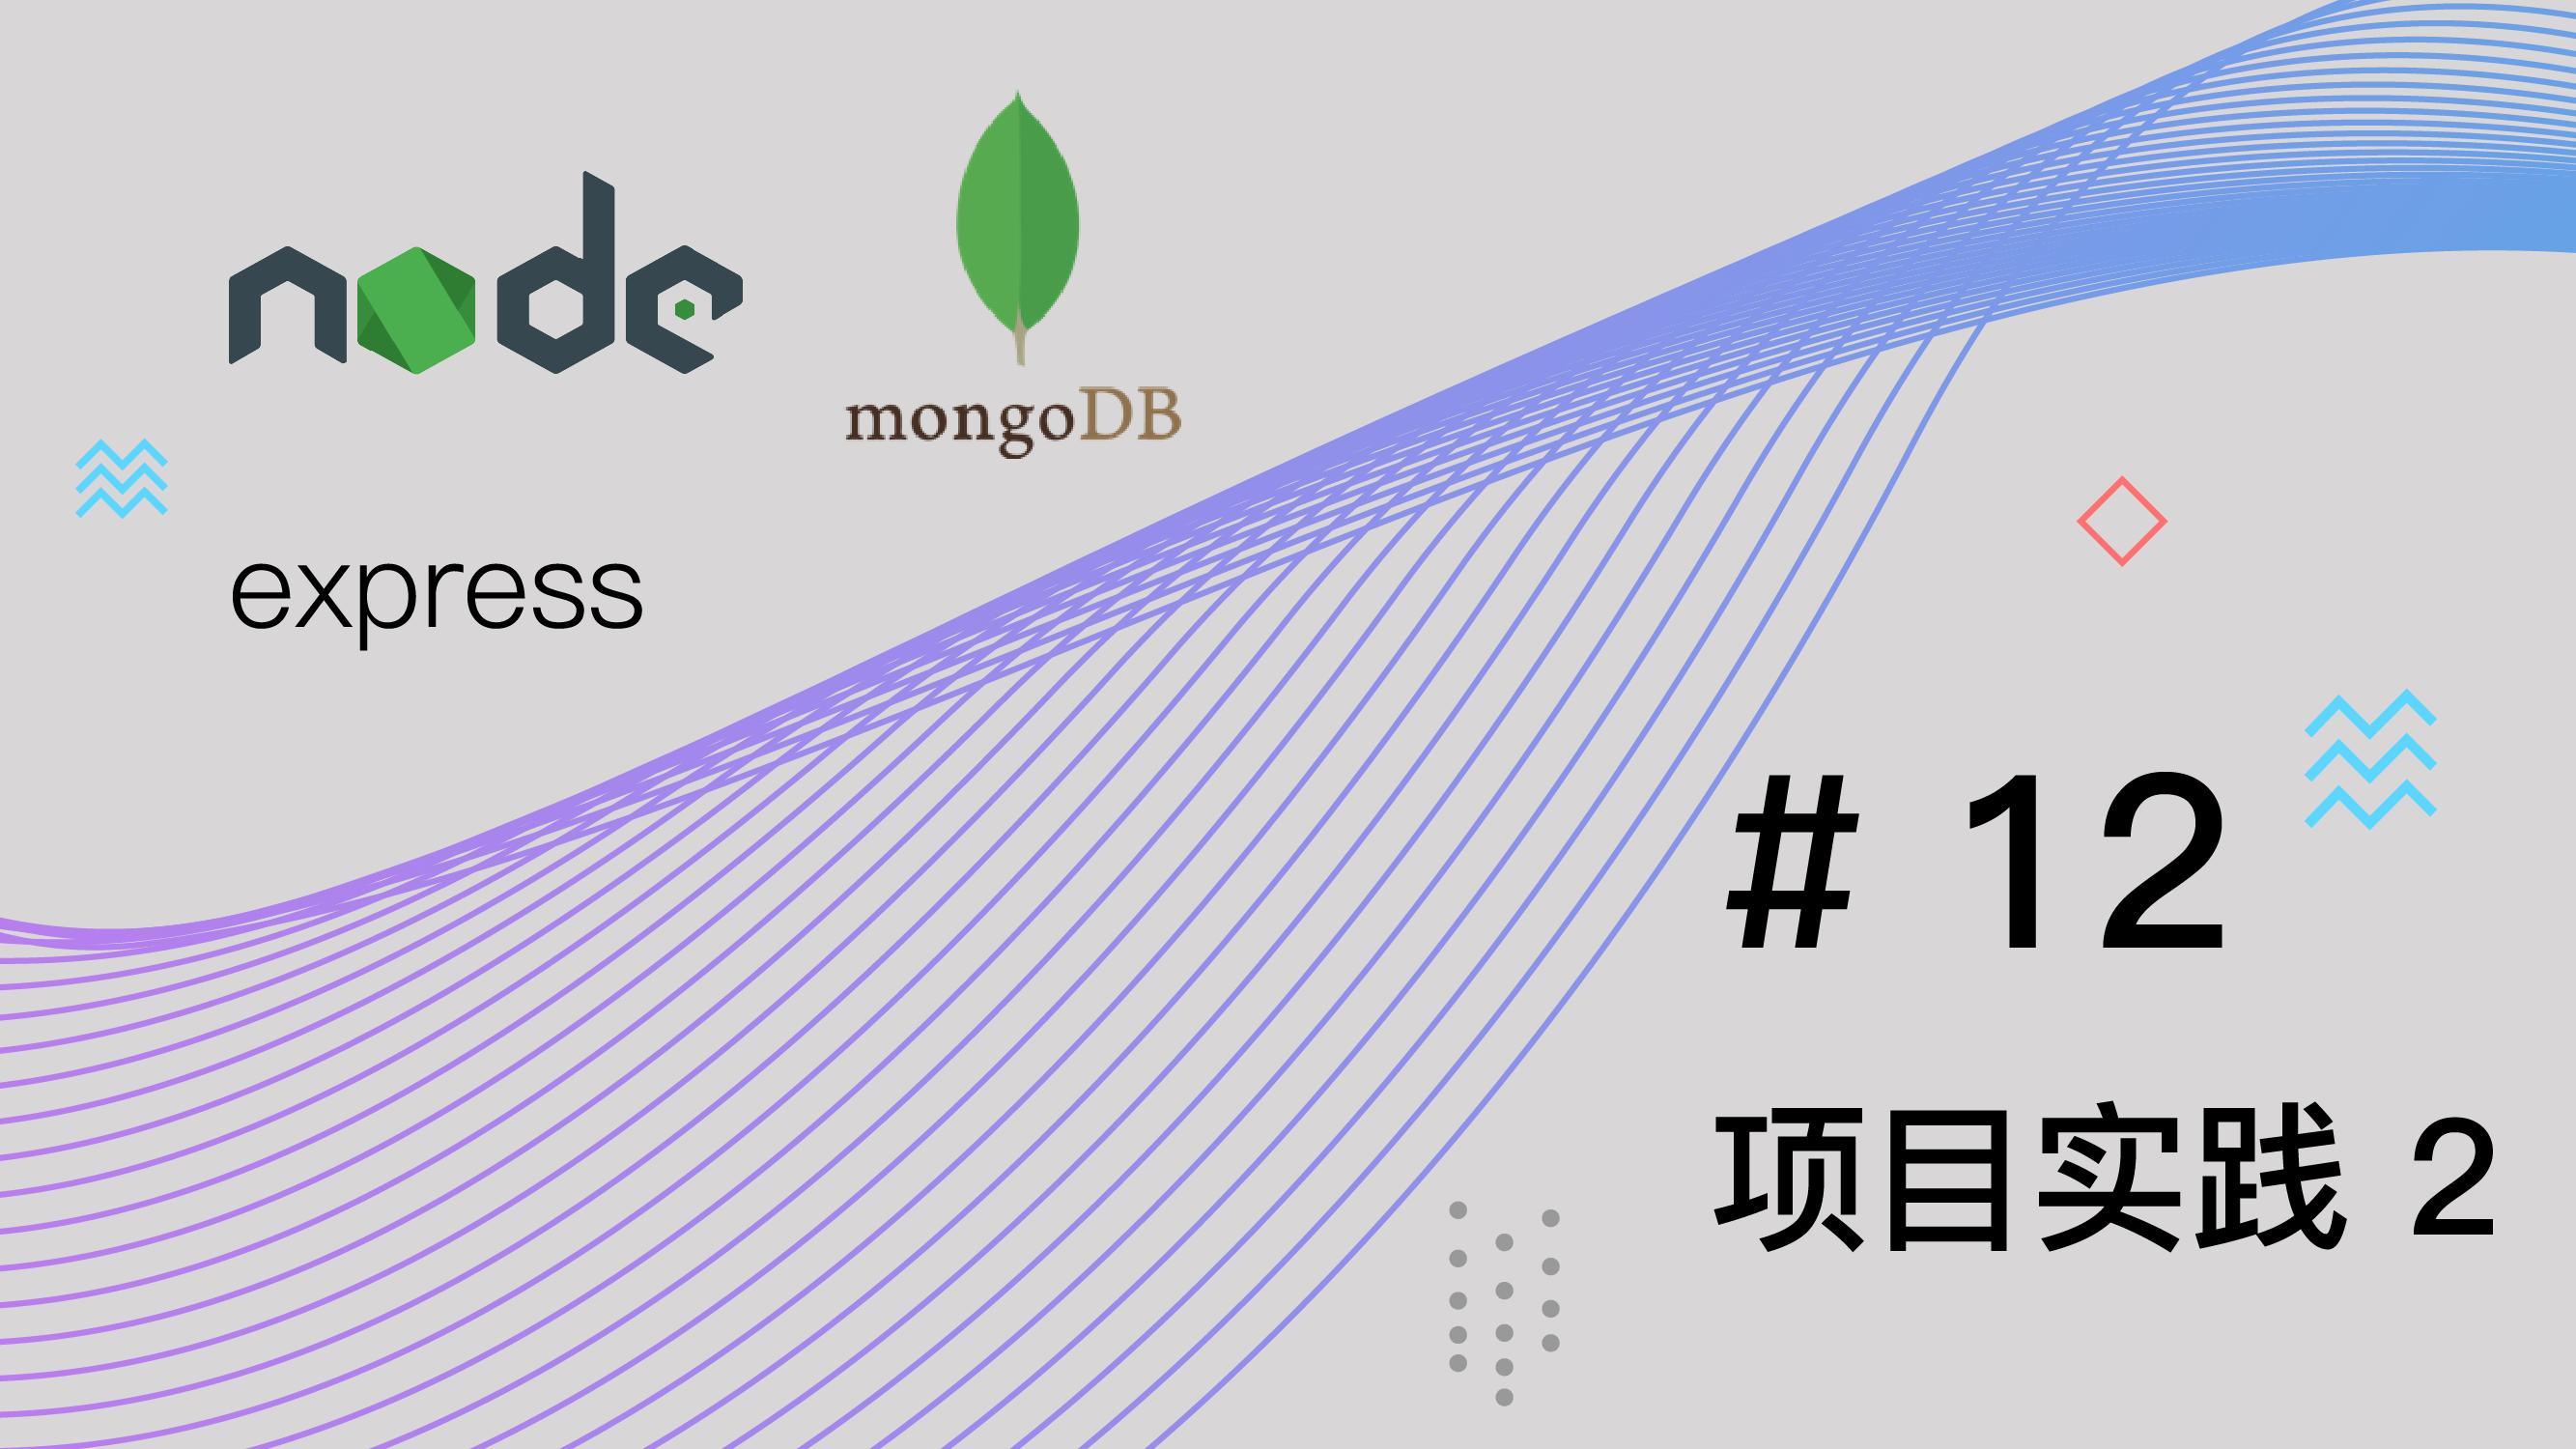 Node.js + Express + MongoDB 基础篇 #12 项目实践 part 2 Controller